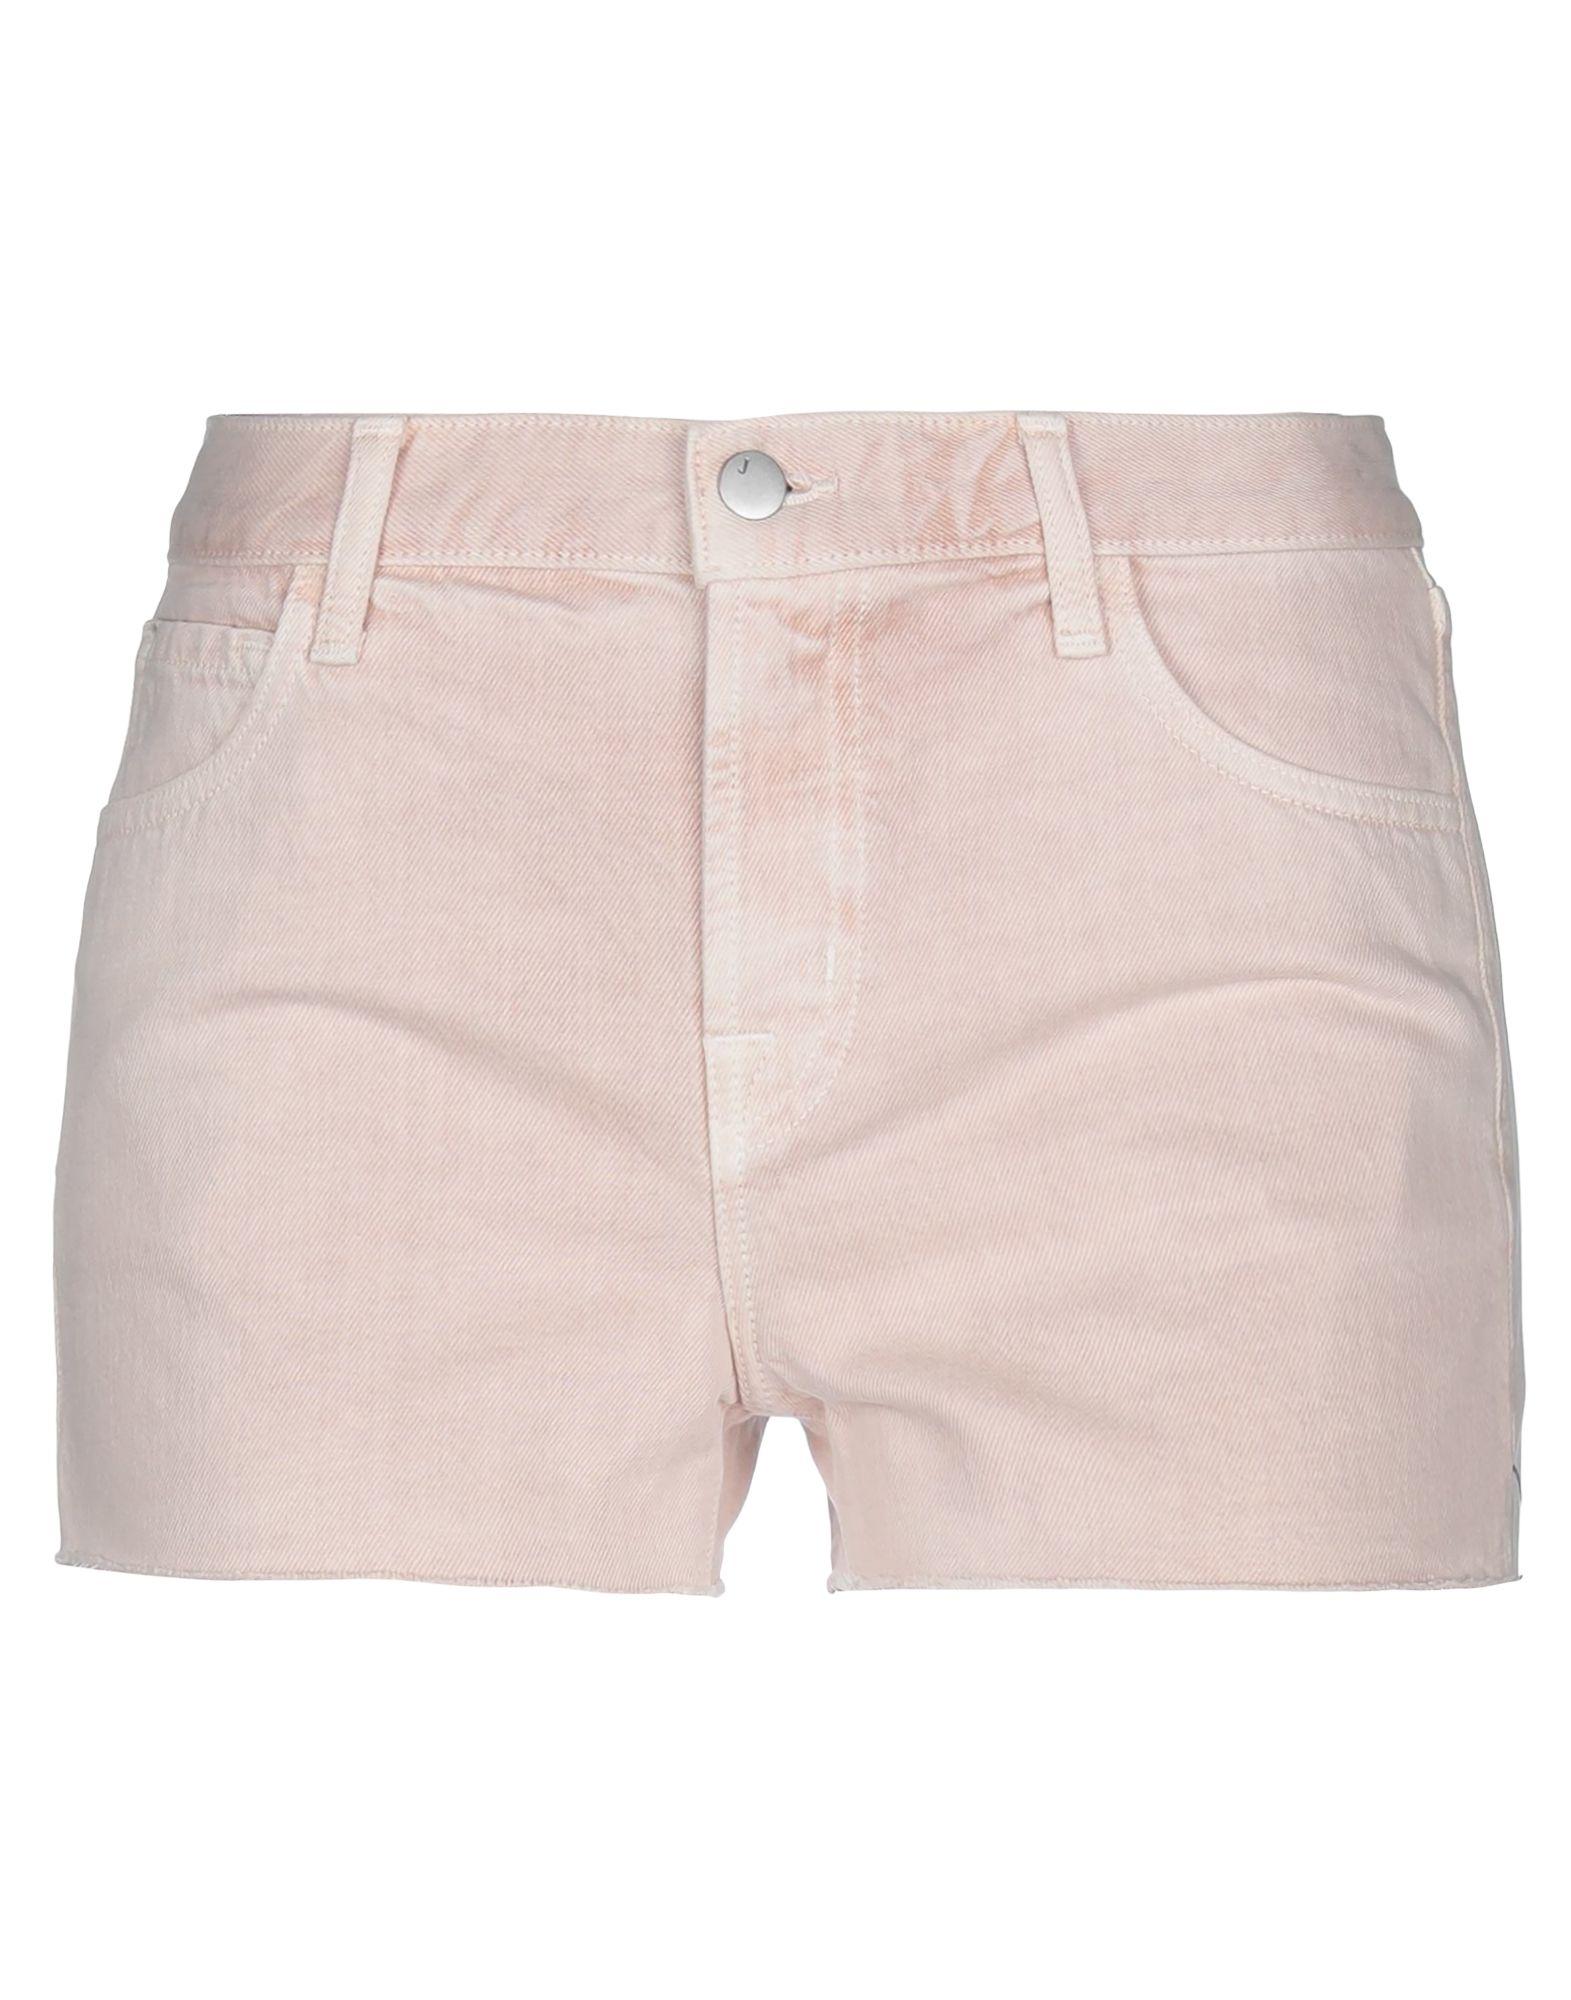 Фото - J BRAND Джинсовые шорты please джинсовые шорты